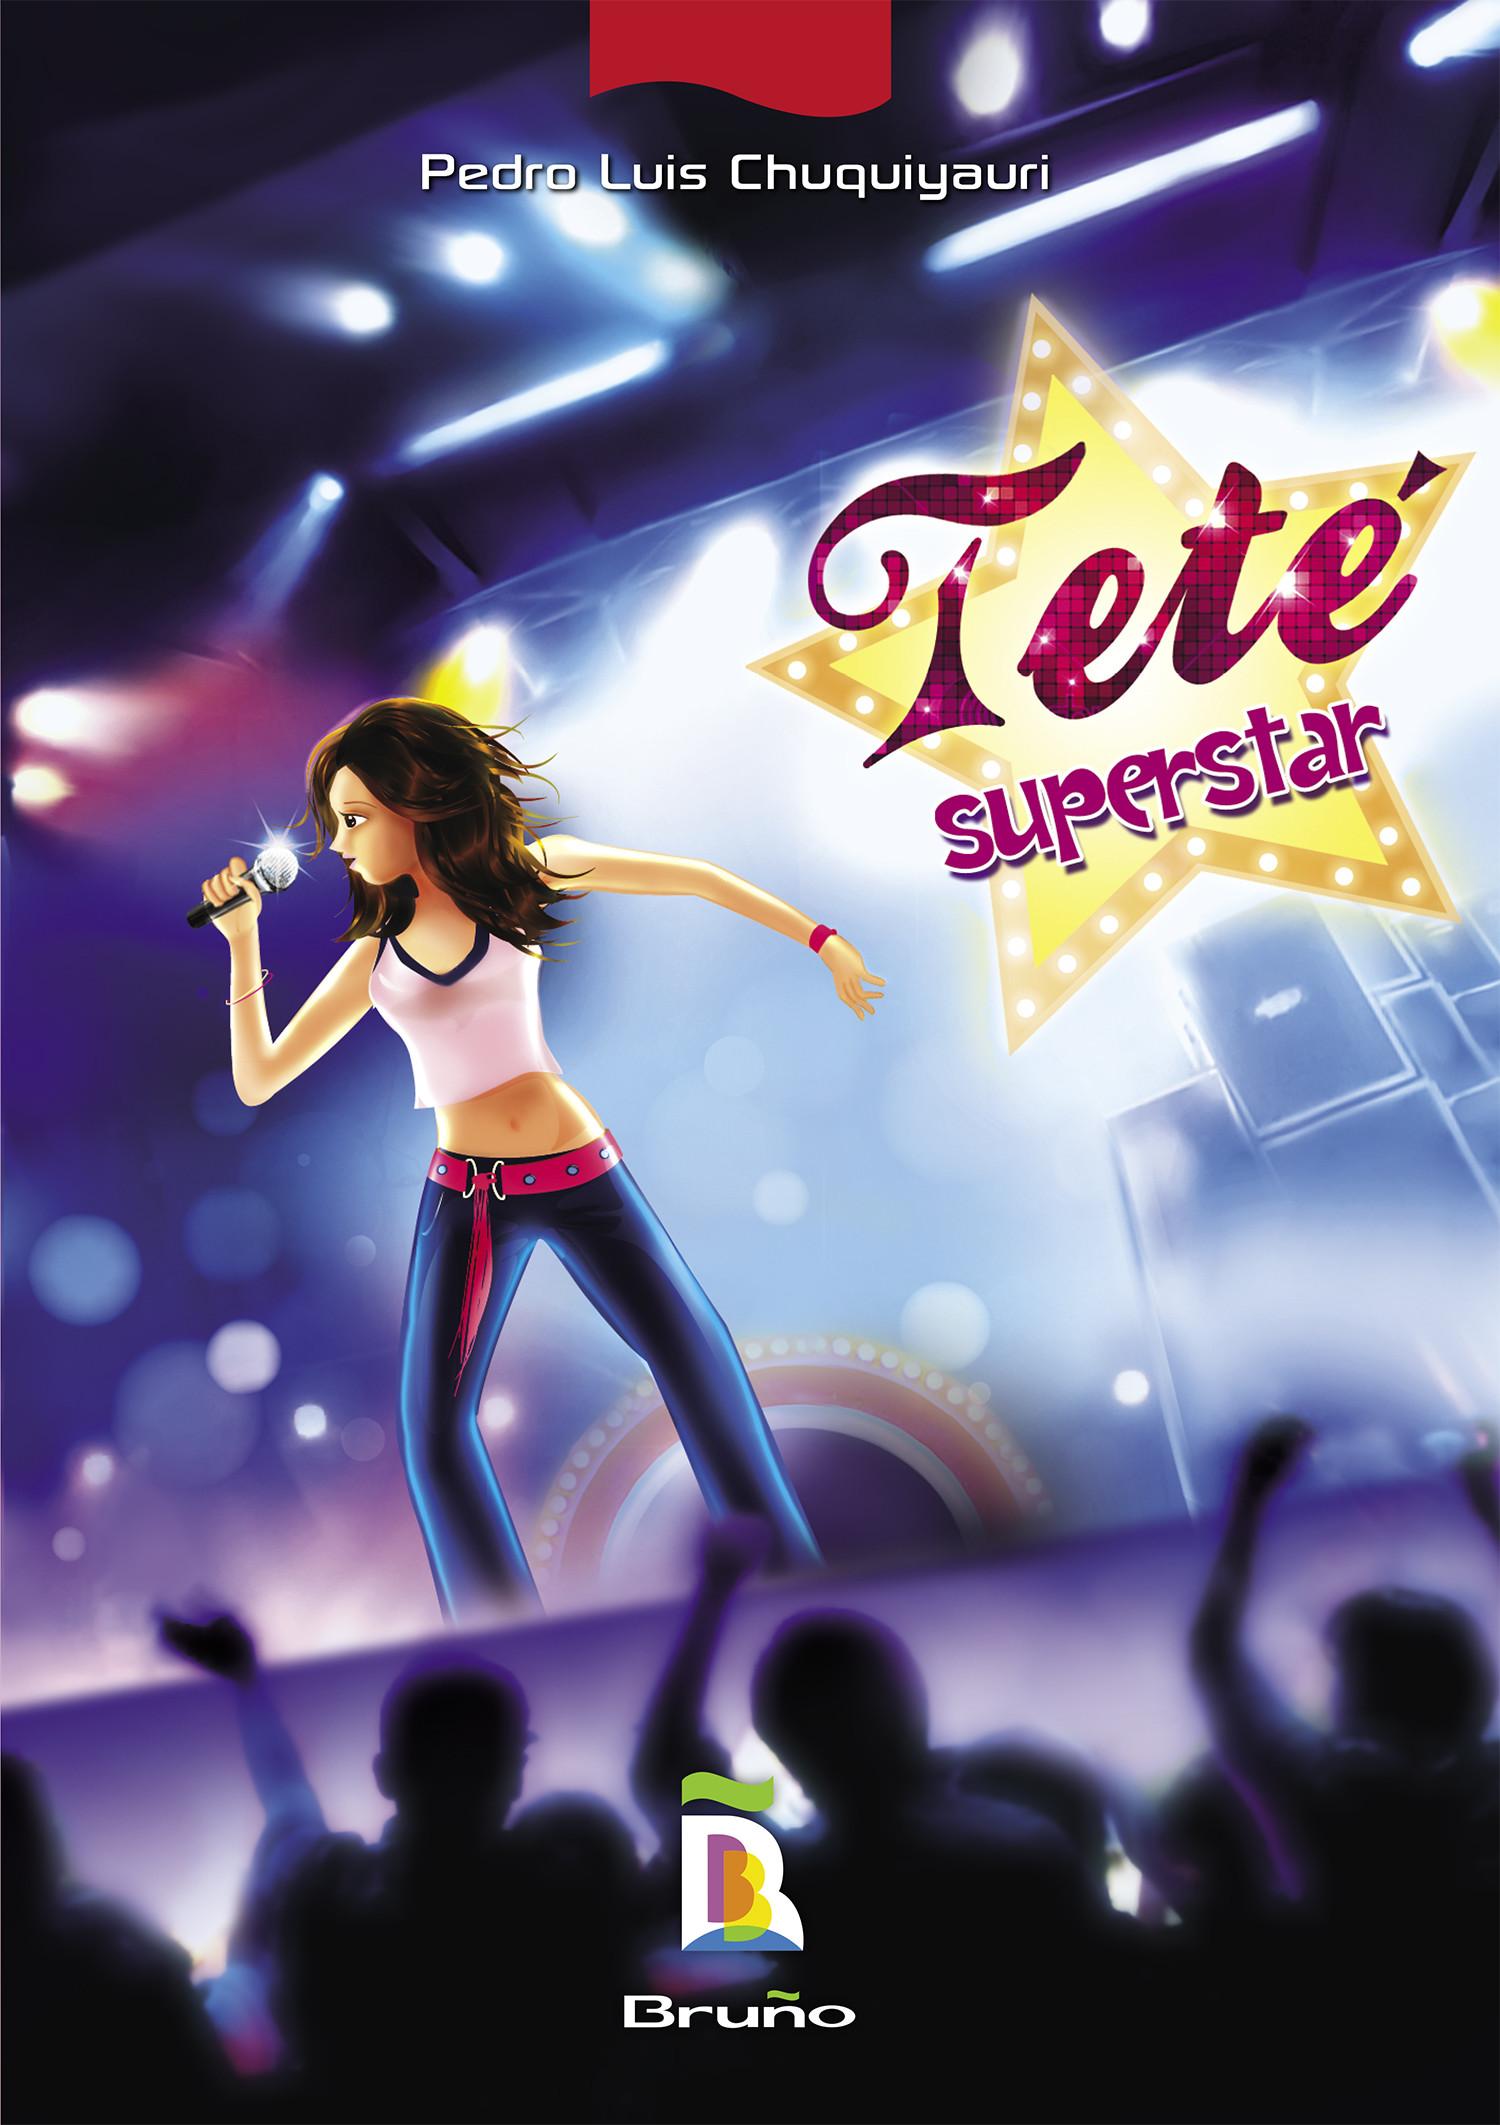 Teté Superstar